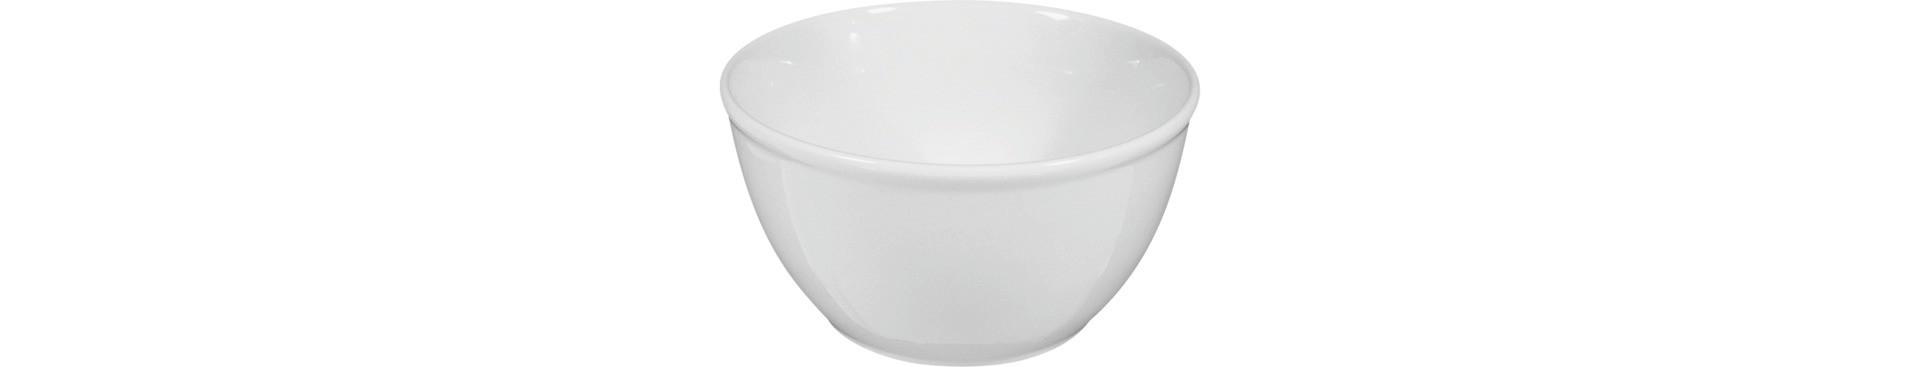 Buffet Gourmet, Salat rund ø 155 mm / 0,90 l